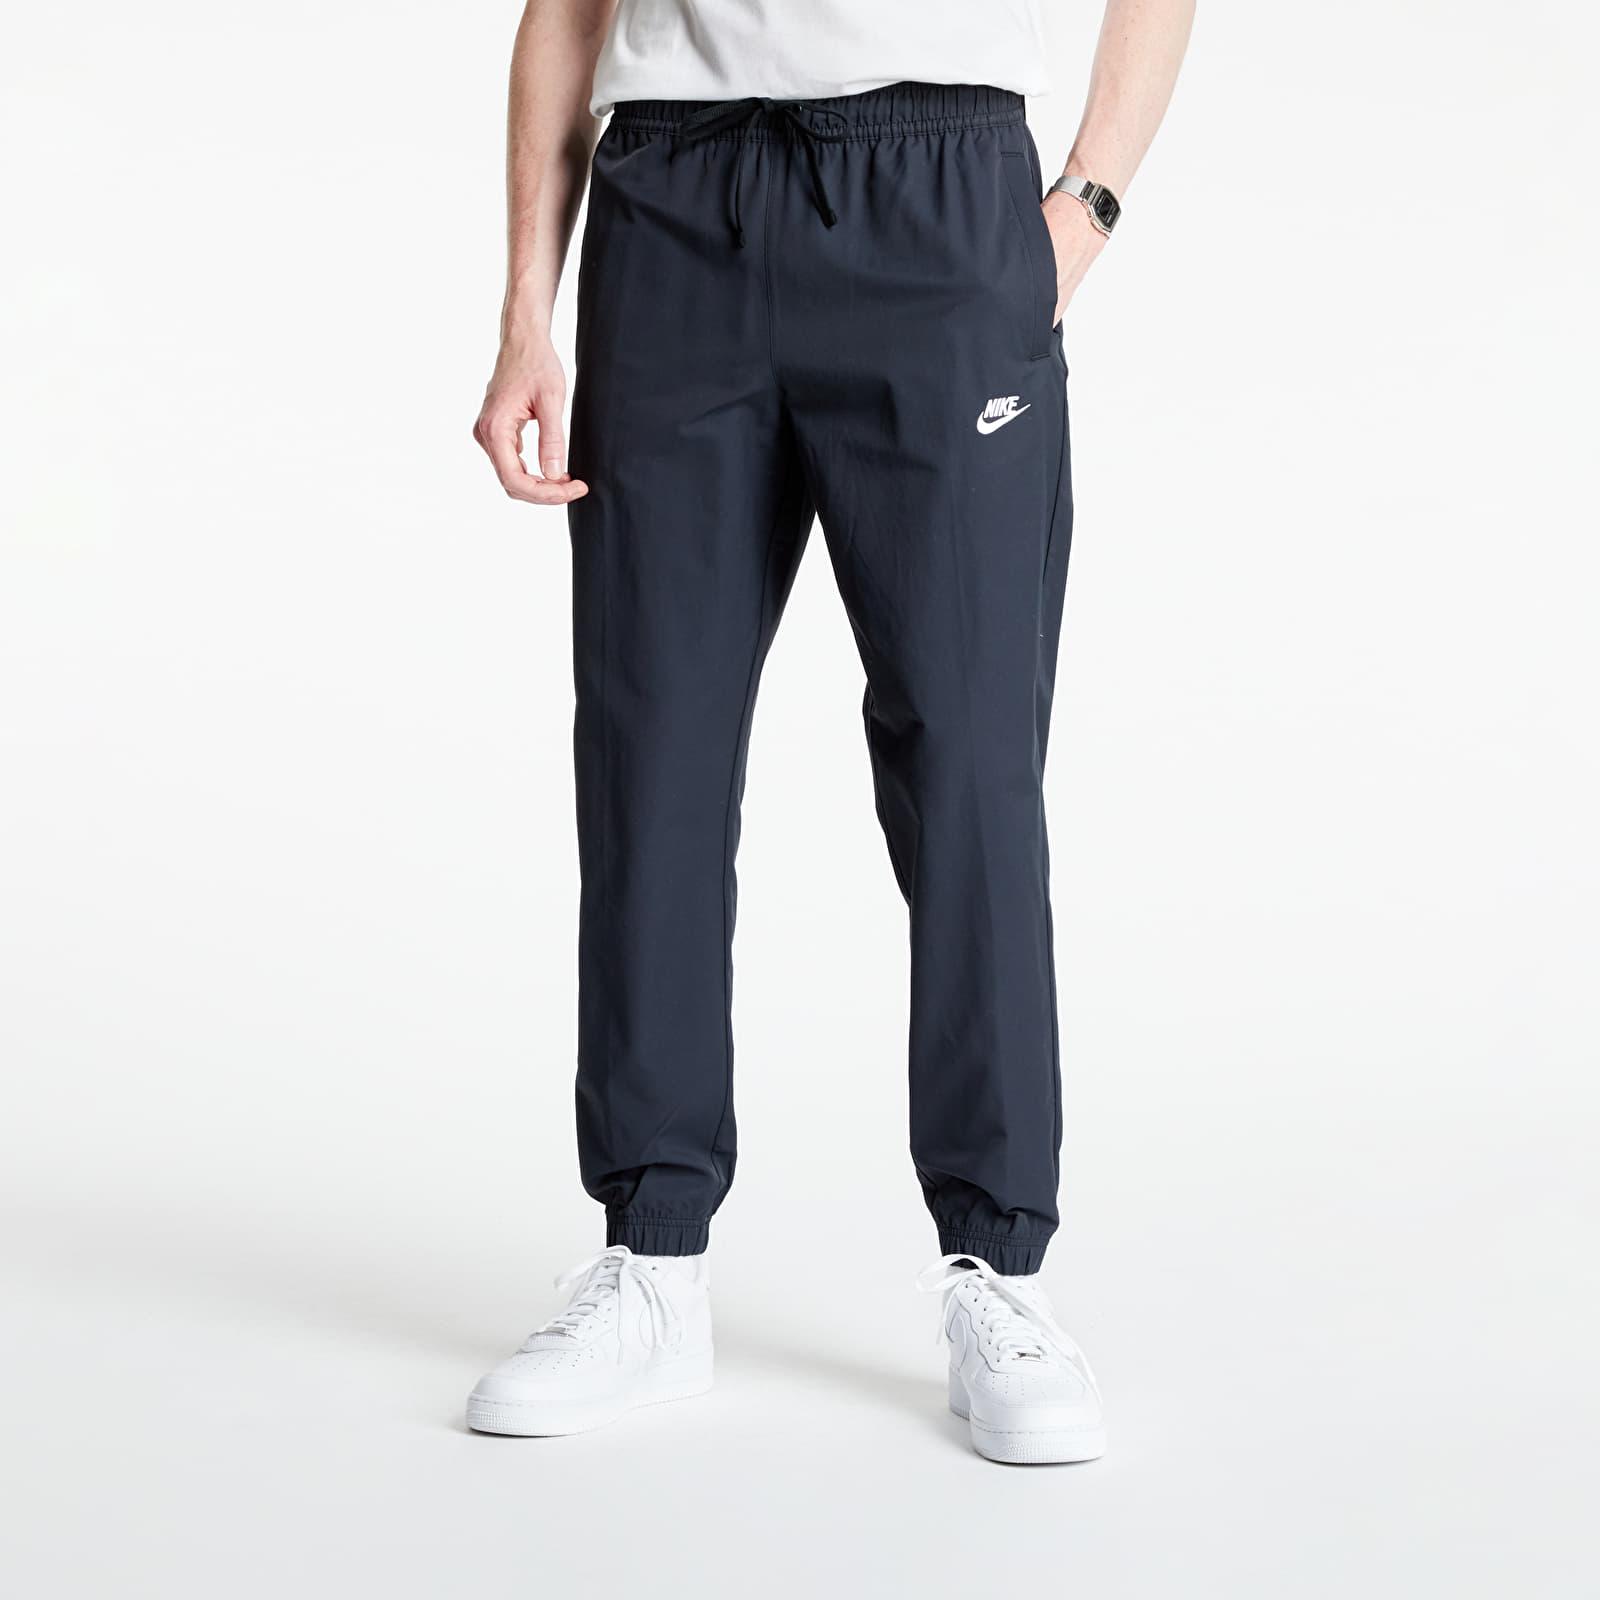 Nike Sportswear Men's Unlined Cuff Pants Black/ White